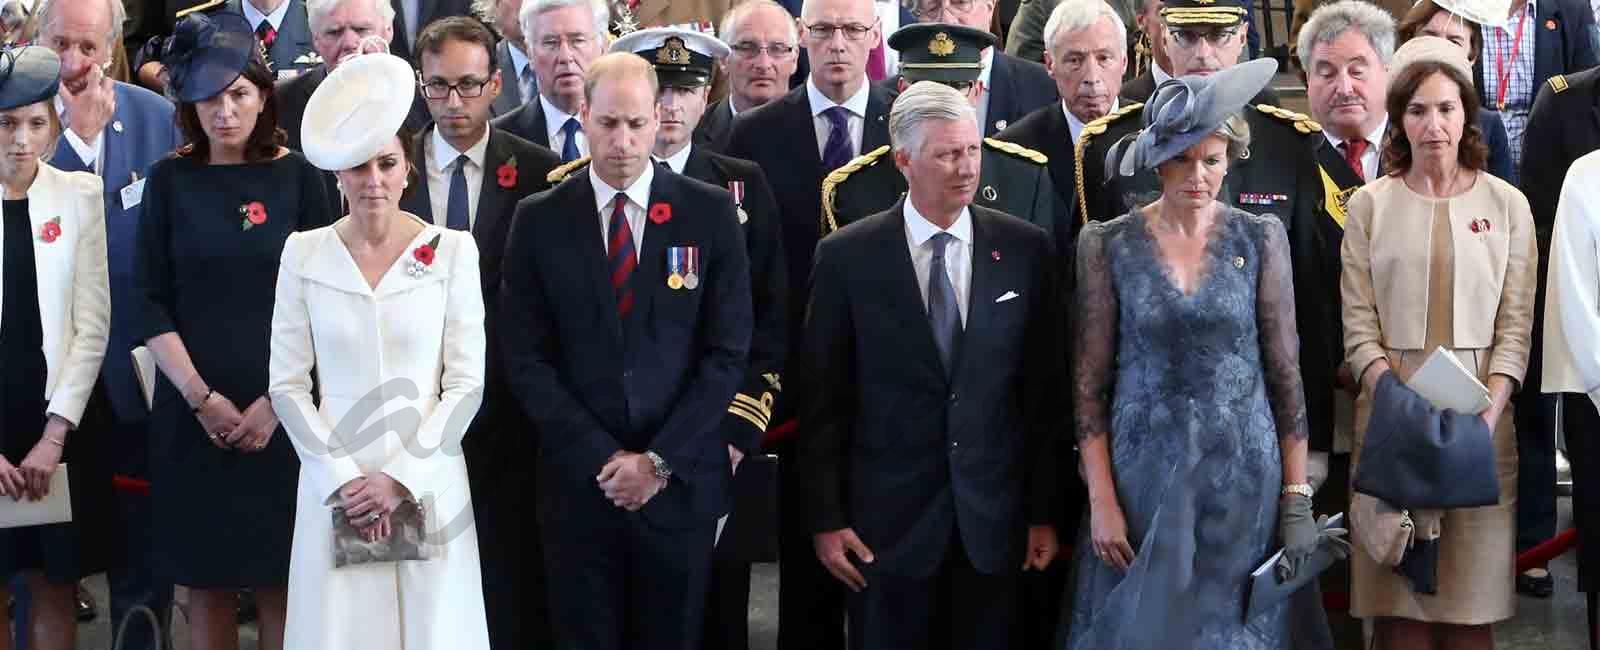 Los Duques de Cambridge y los Reyes de Bélgica en el centenario de la batalla de Passchendaele.